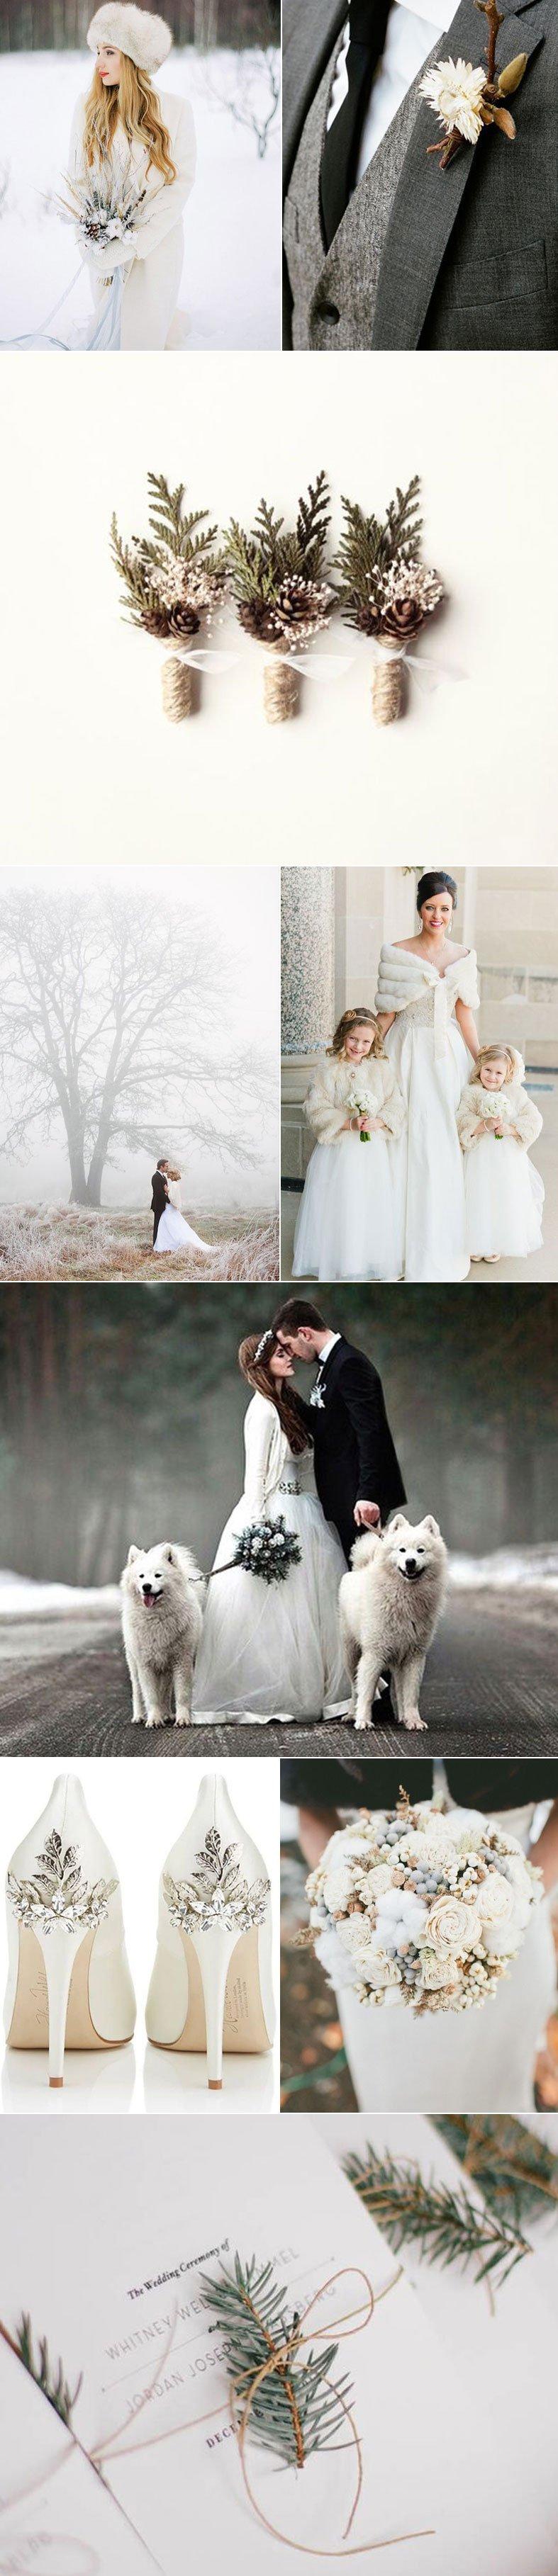 Weddings & Bows-n-Ties - Part 16